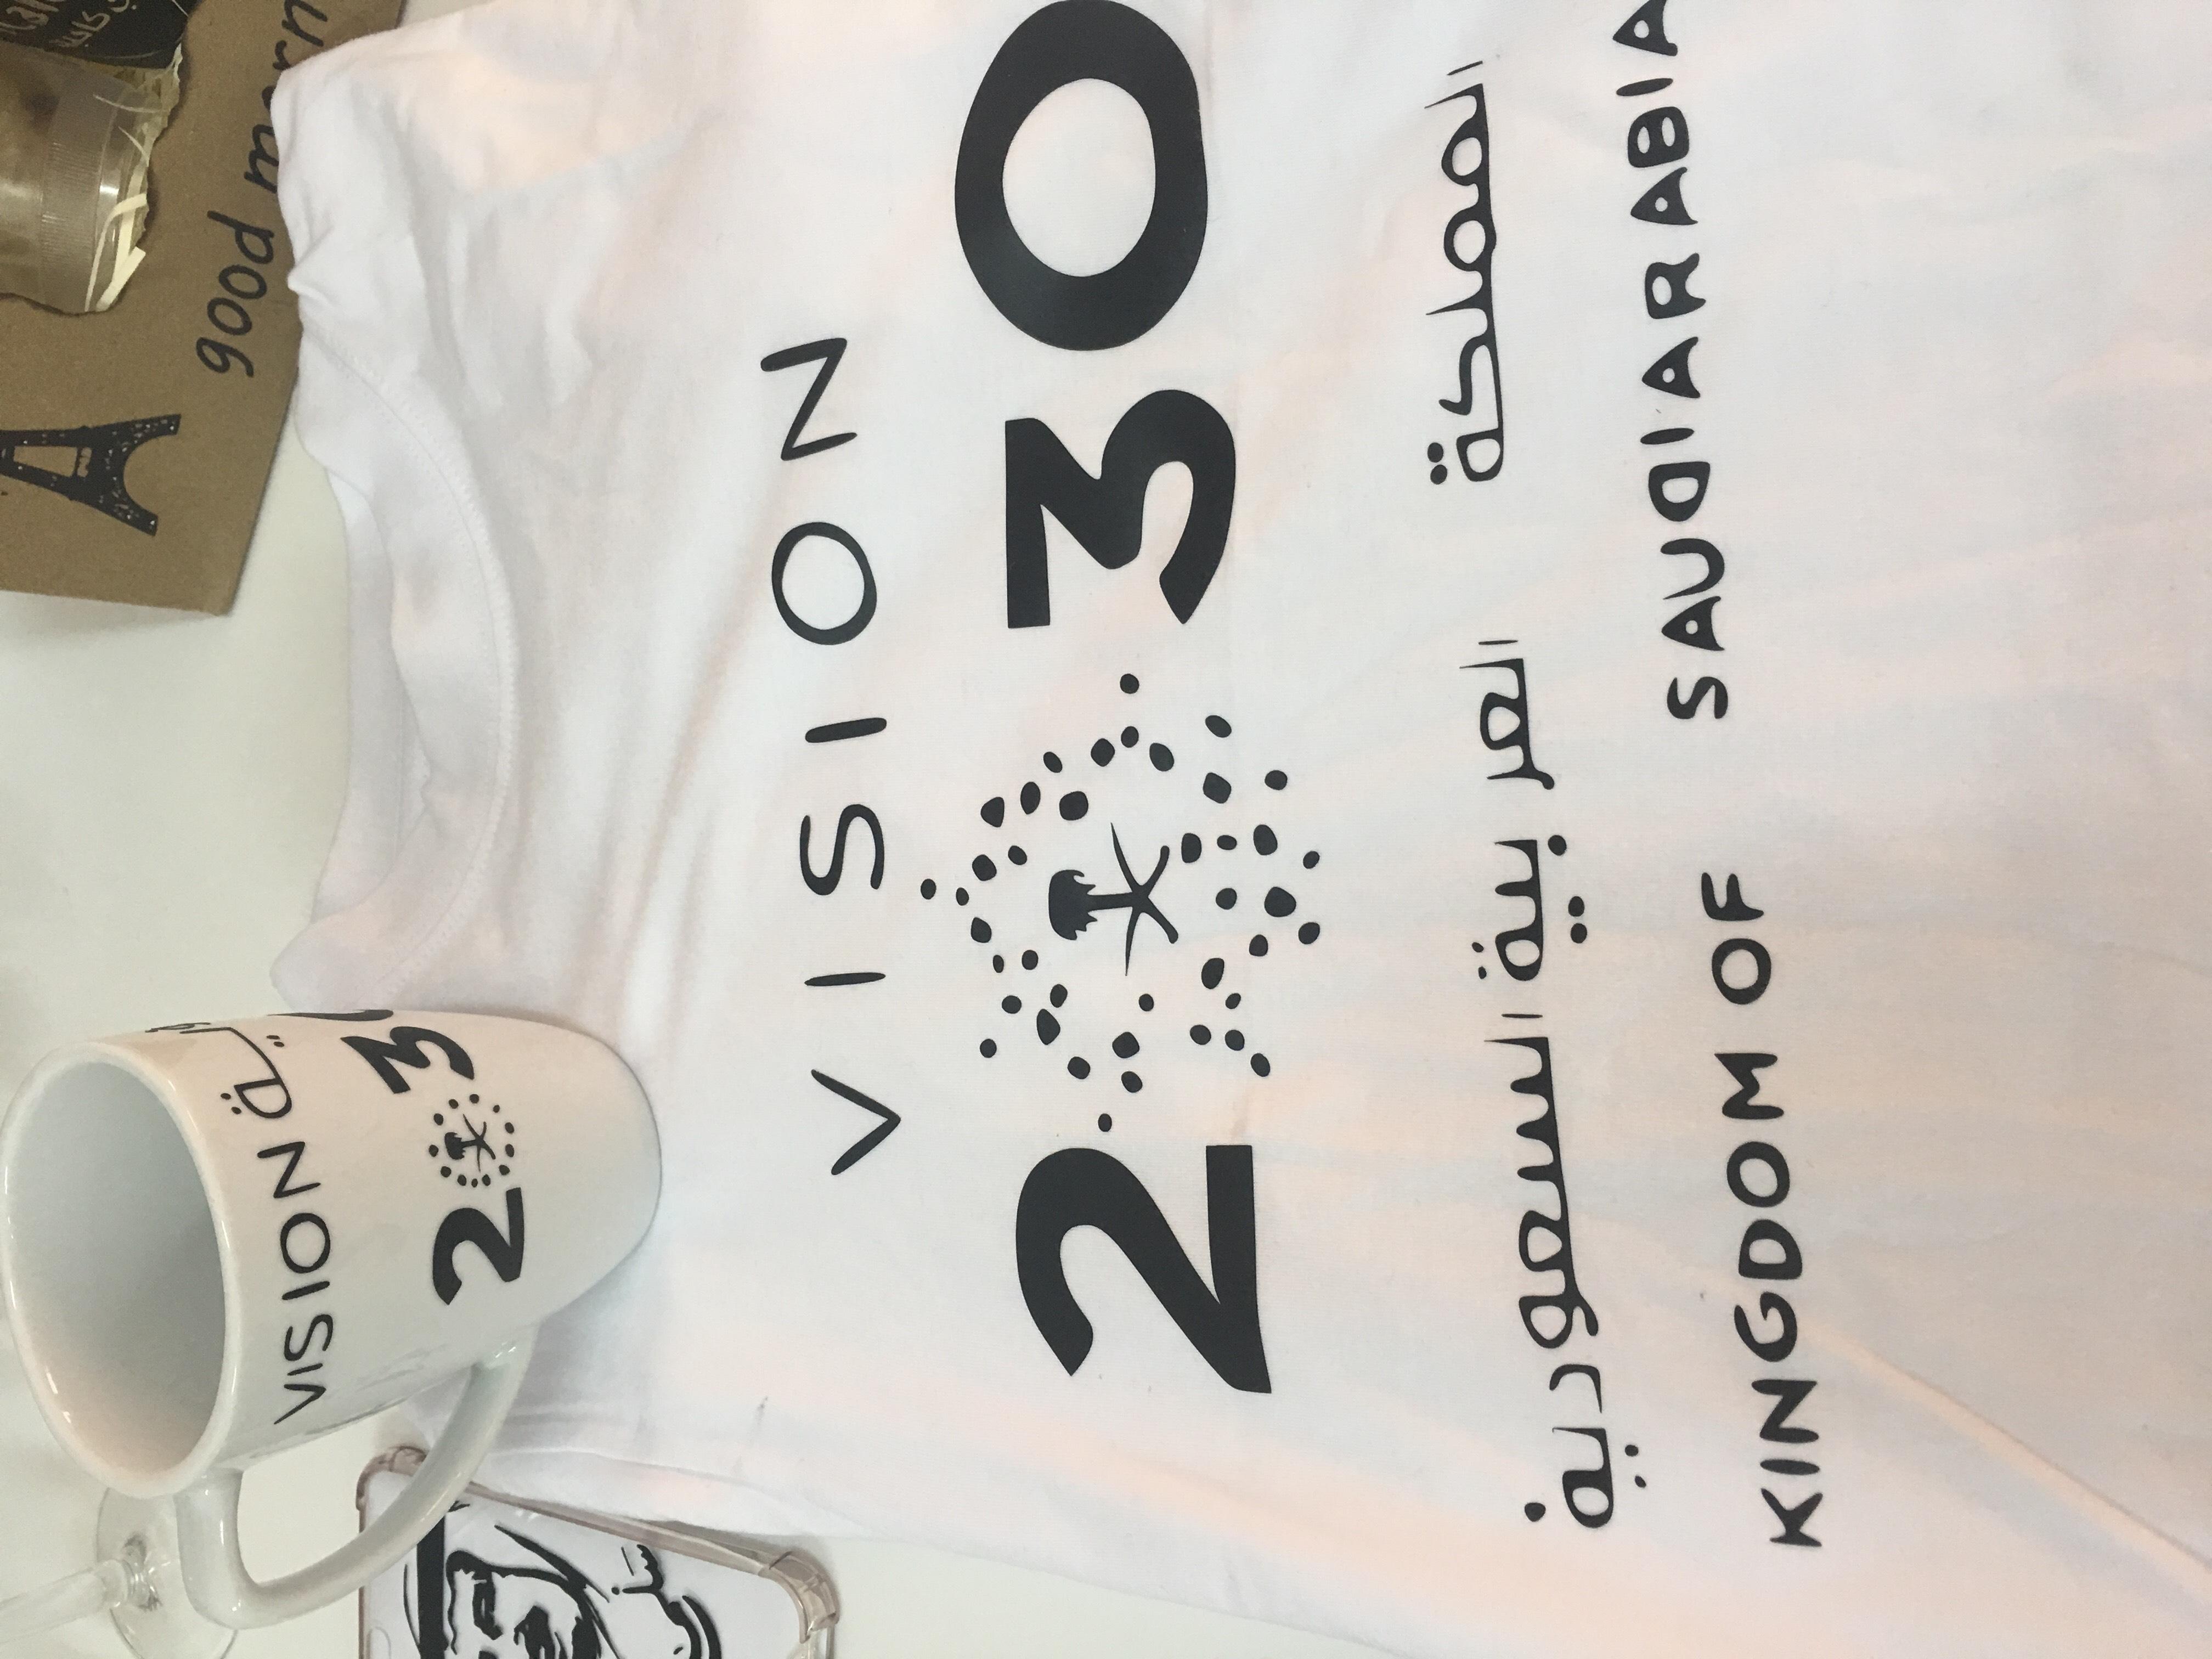 تصمييم شعار رؤية 2030 علي الكوب والتيشرتات